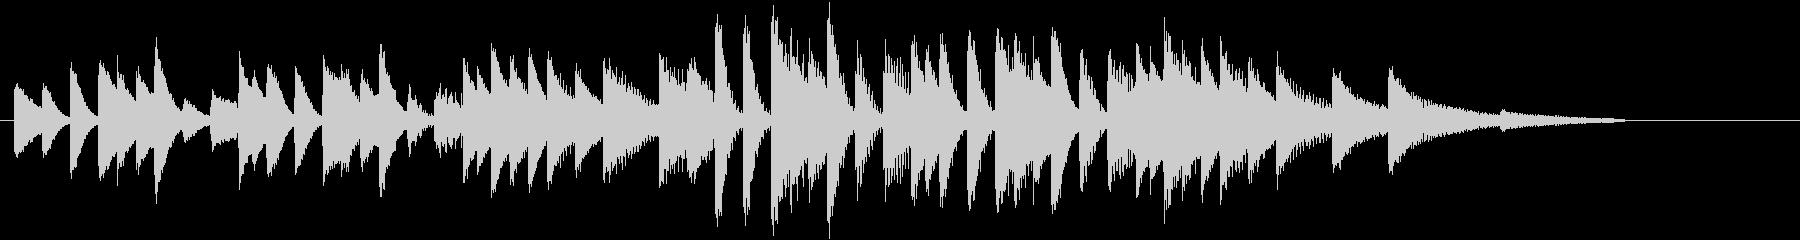 四季より「春」モチーフのピアノジングルDの未再生の波形